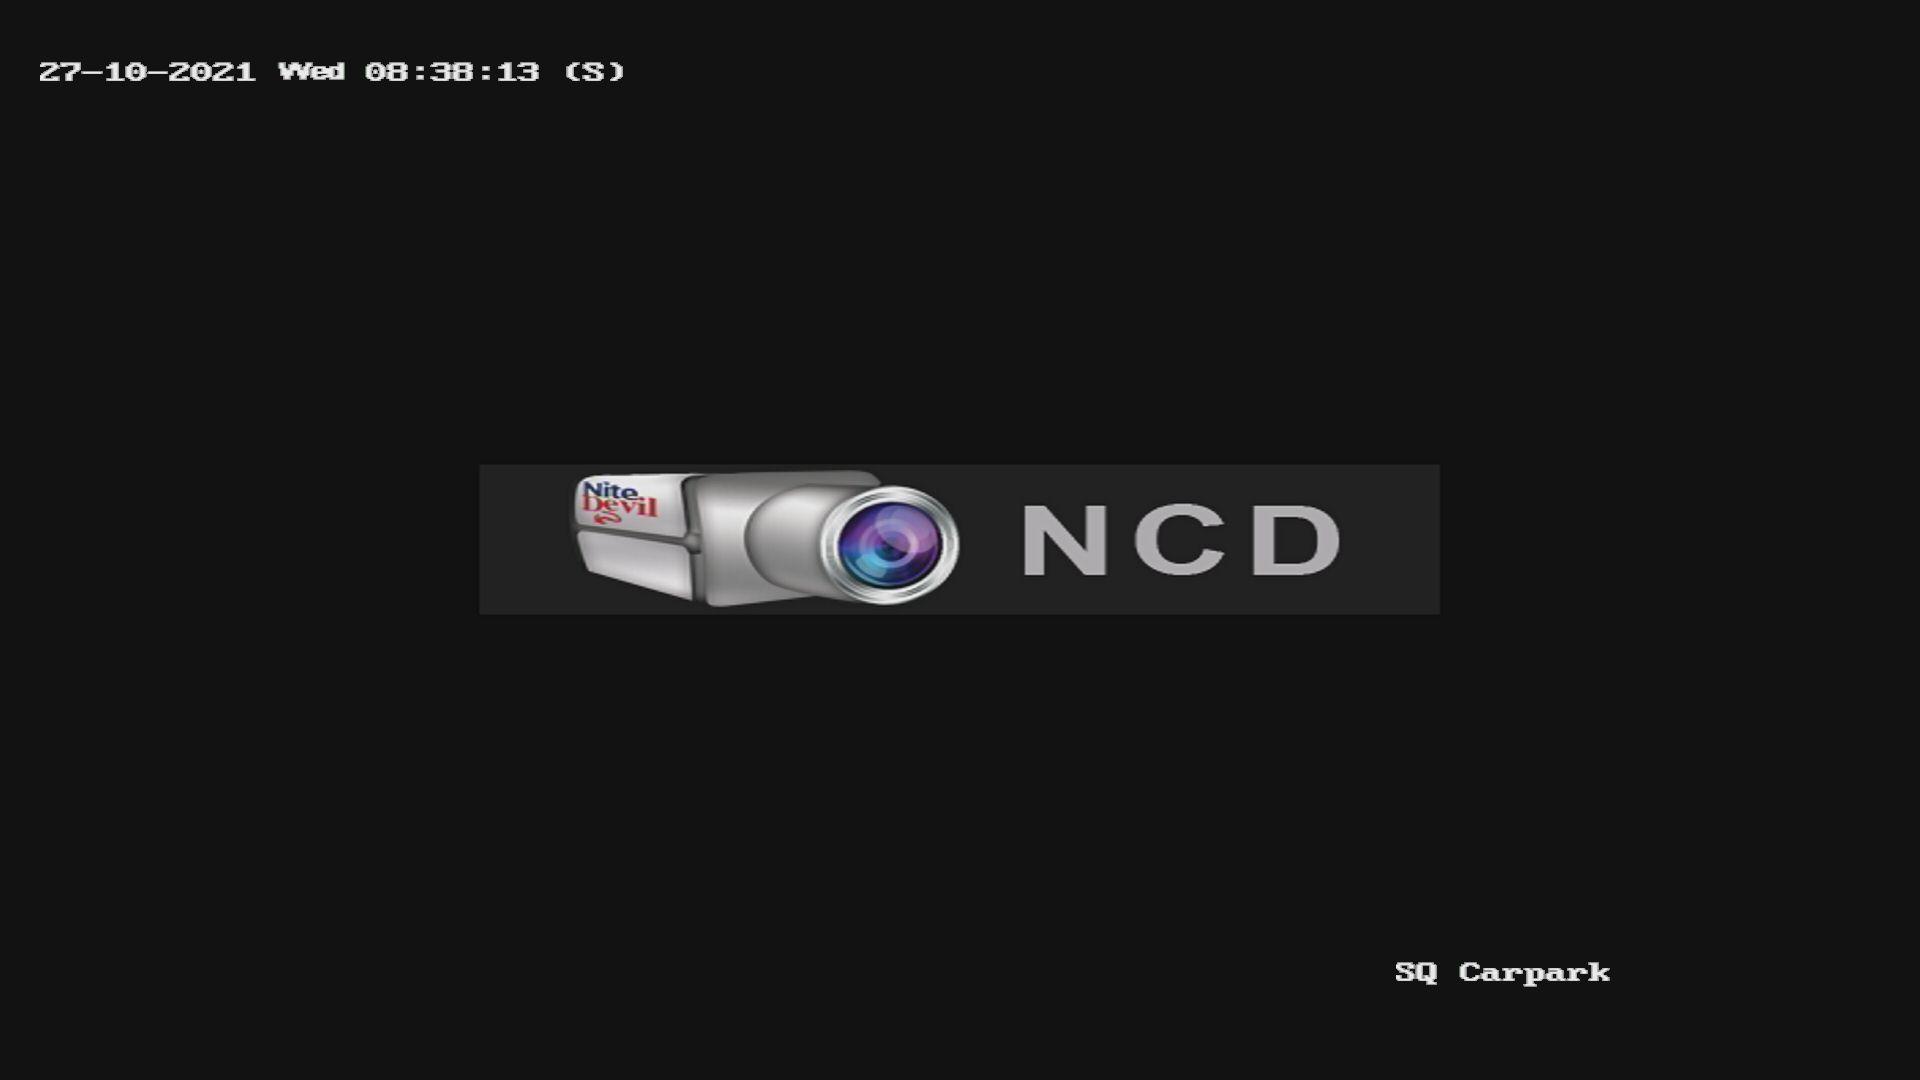 Webcam demo image